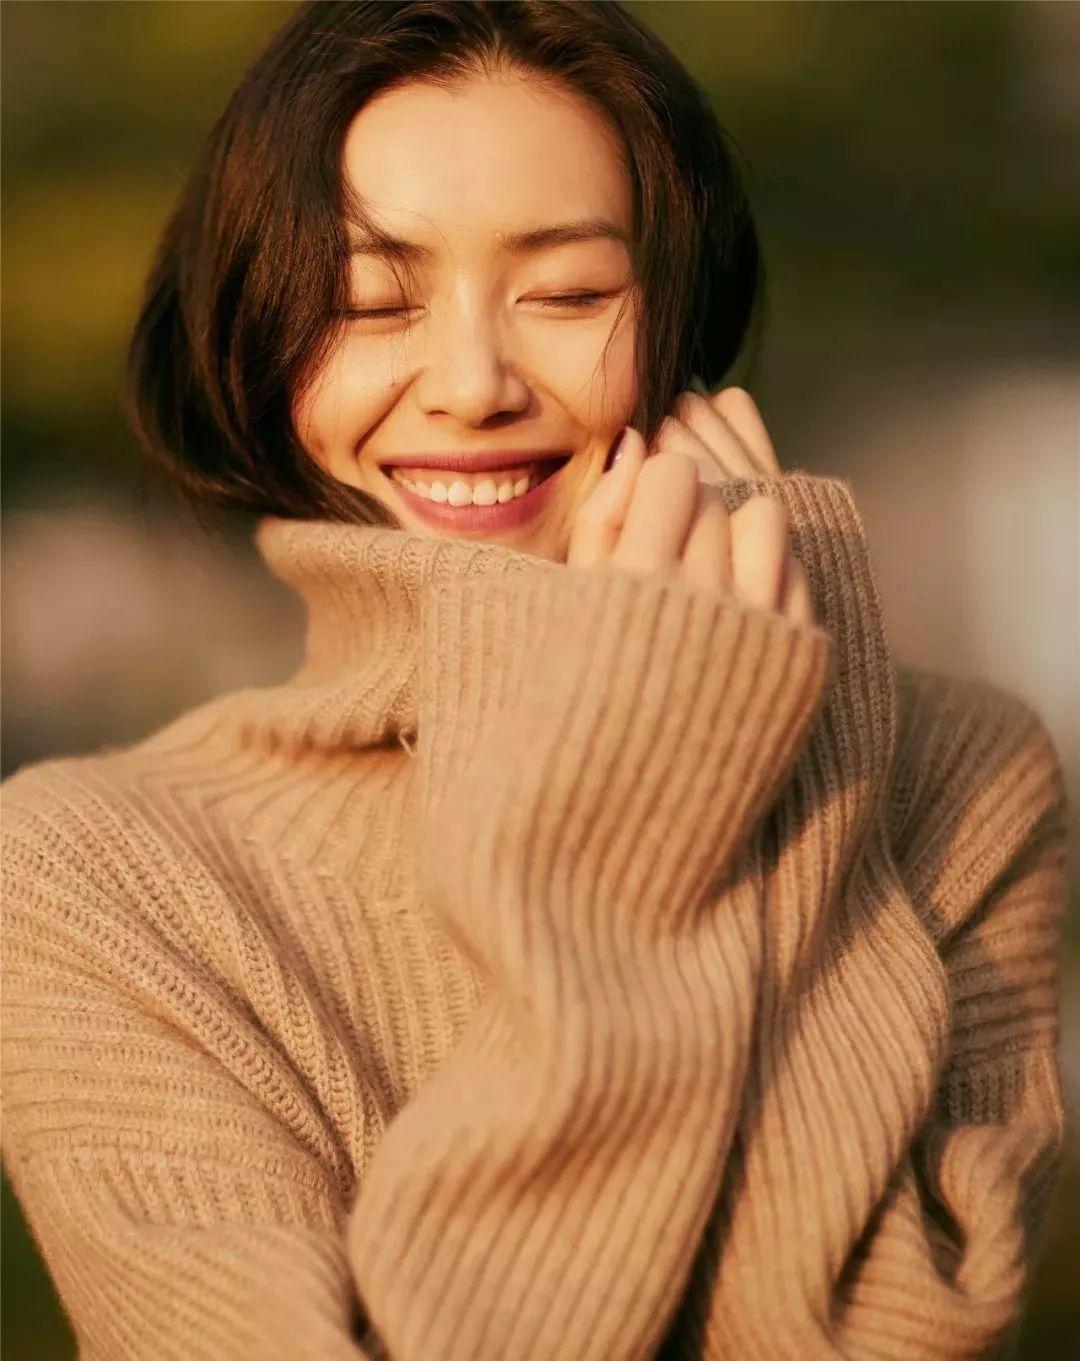 5 món trang phục màu trà sữa biến style thành siêu cấp sang trọng chỉ trong nháy mắt - Ảnh 3.